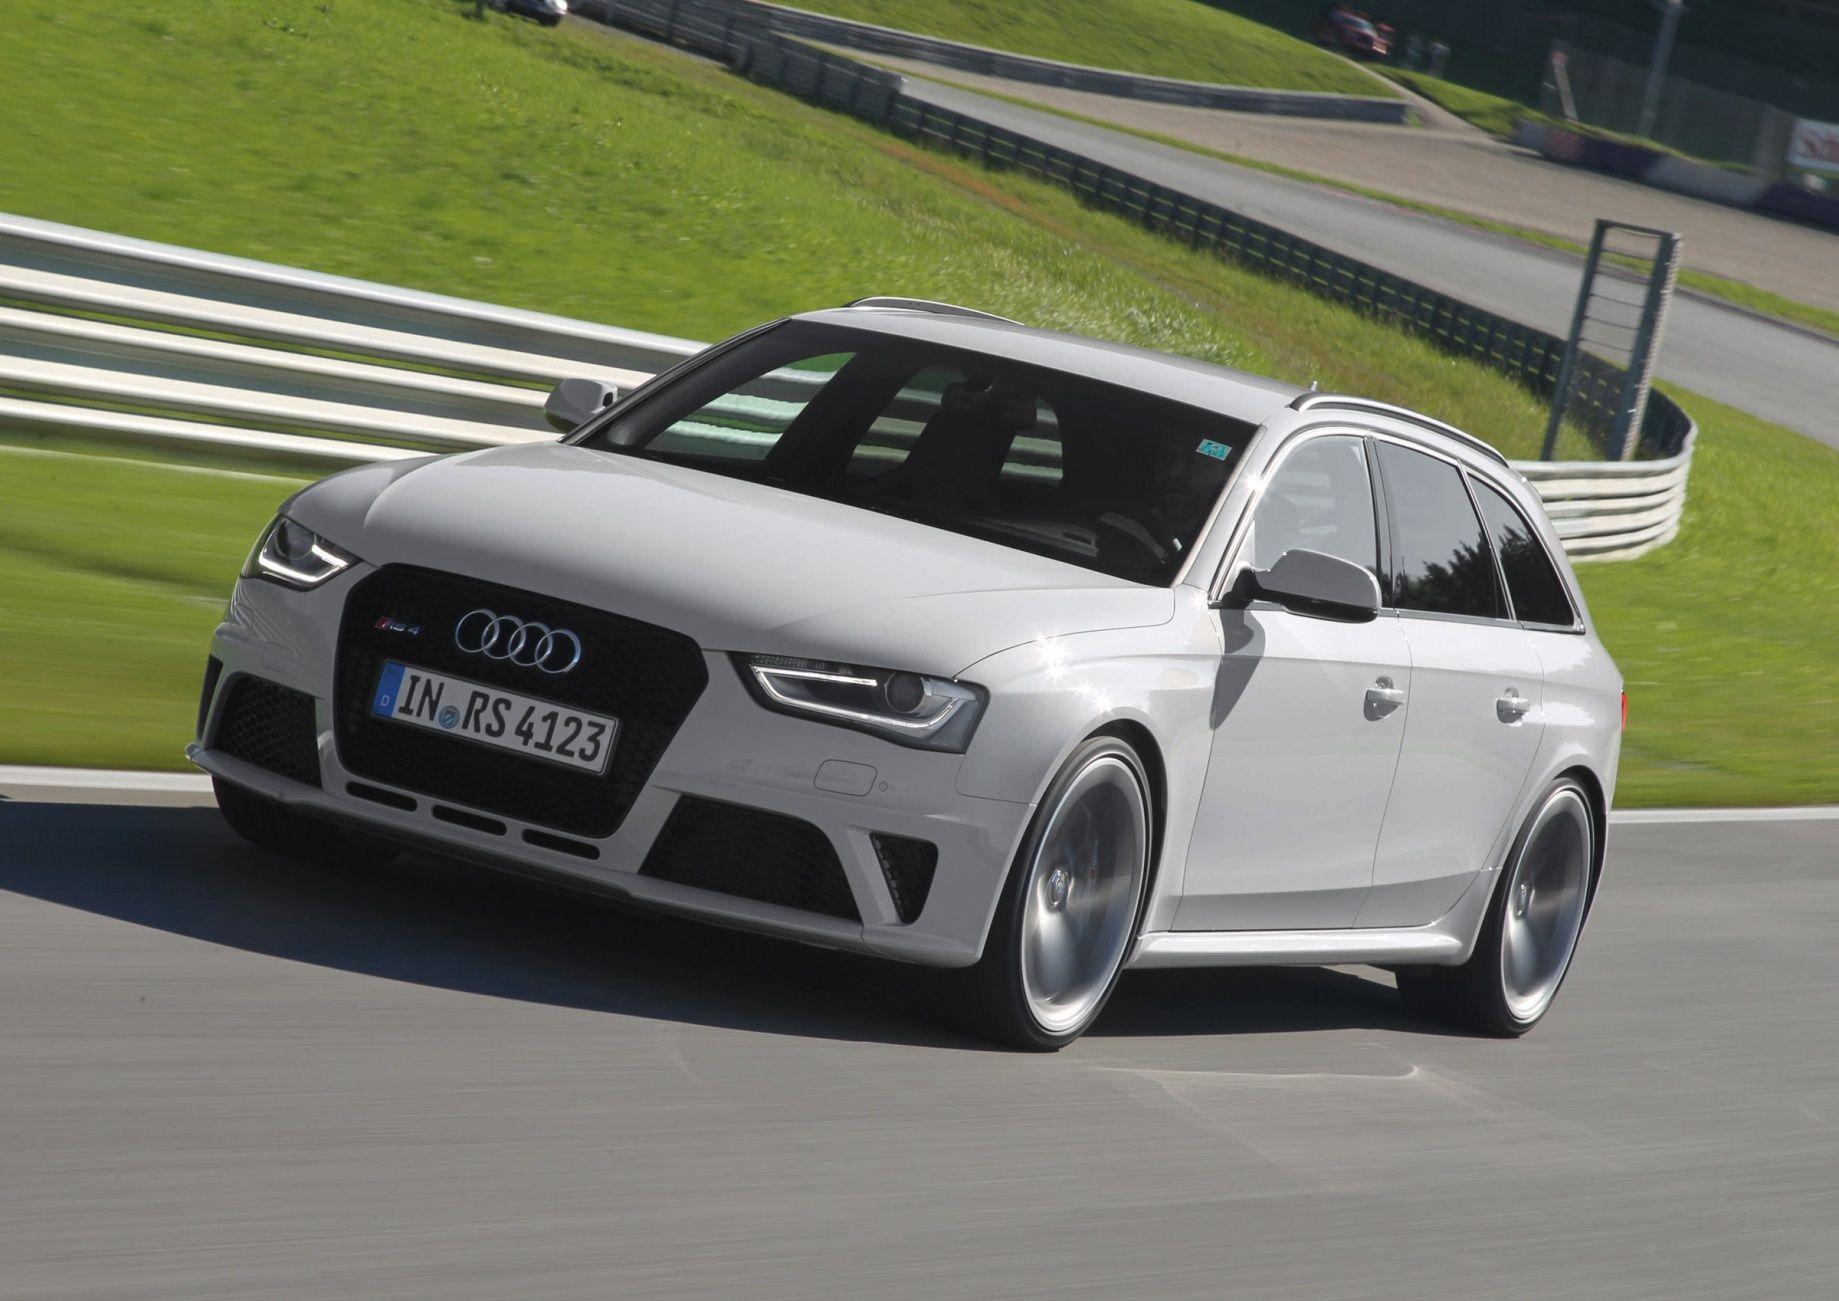 2012 Audi Rs4 Avant Audi Audi Rs4 Audi Rs4 B8